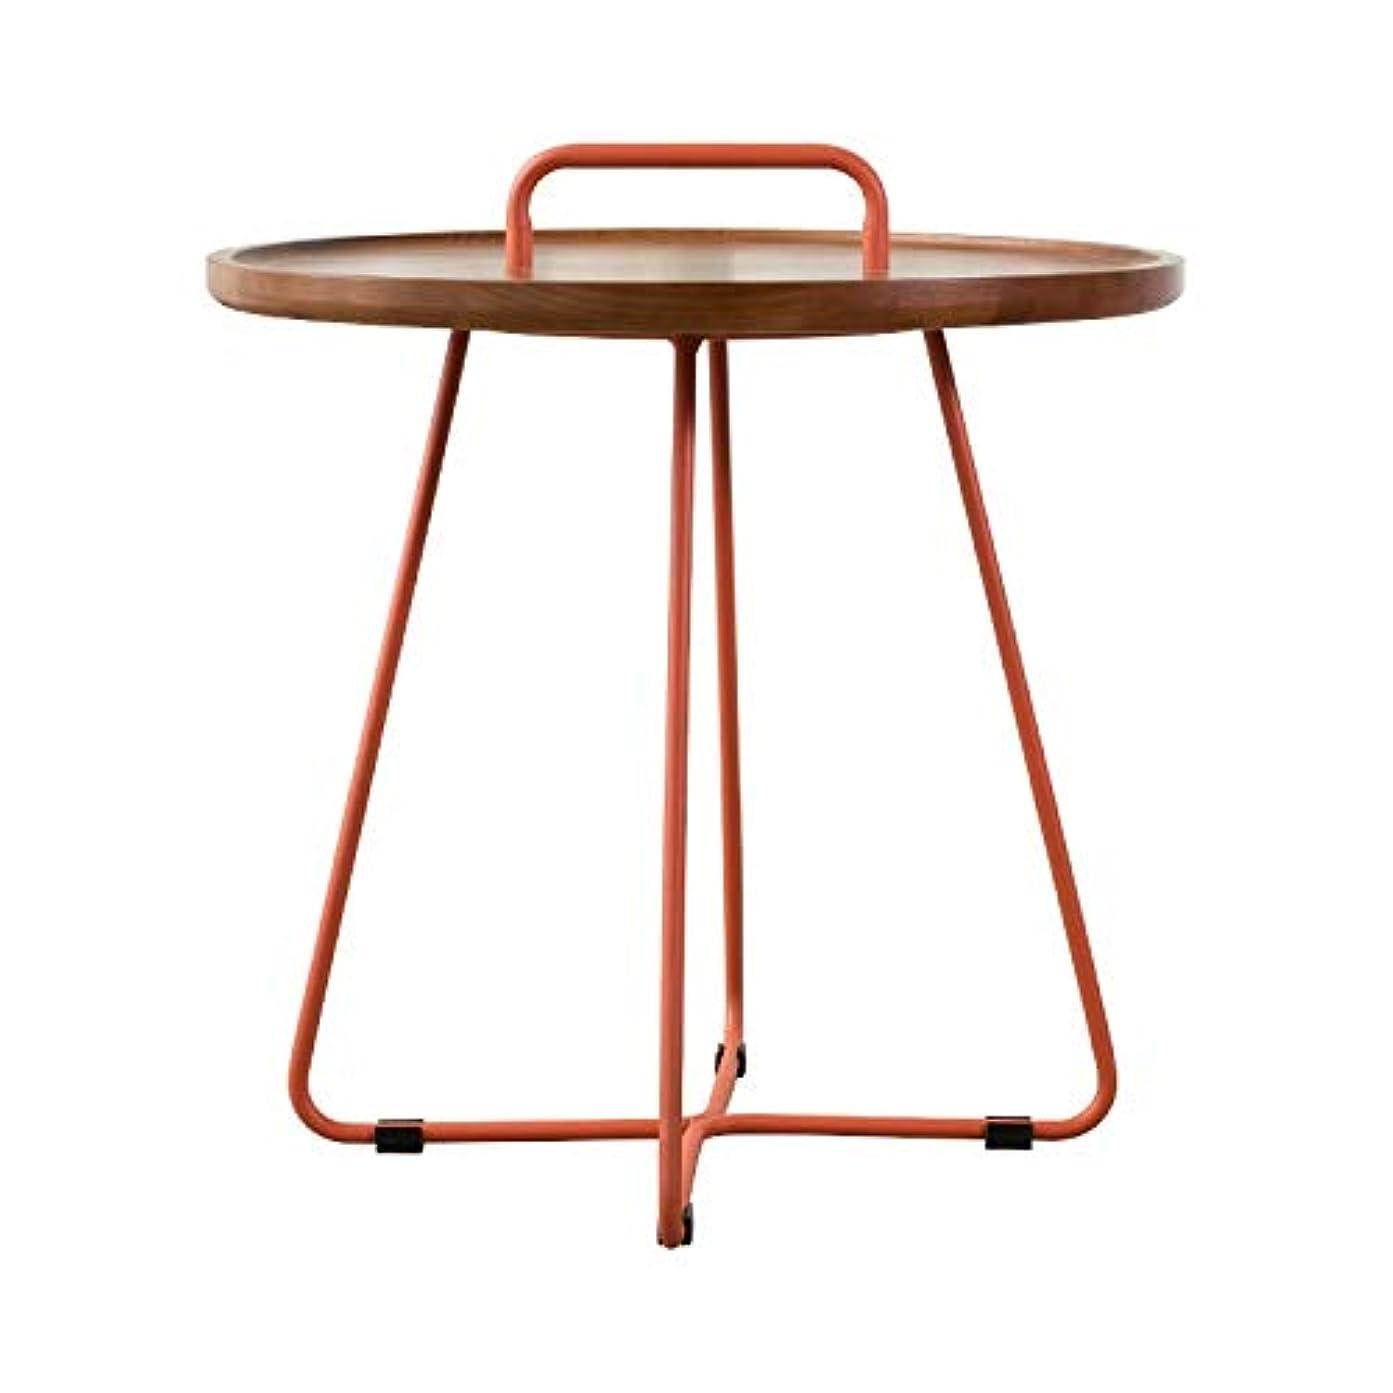 シールアクティビティ有効化QJL_ANA リビングルームベッドルームバルコニーファミリー、オフィス用のサイドテーブル現代ナイトラウンド側エンドアクセントコーヒーテーブル